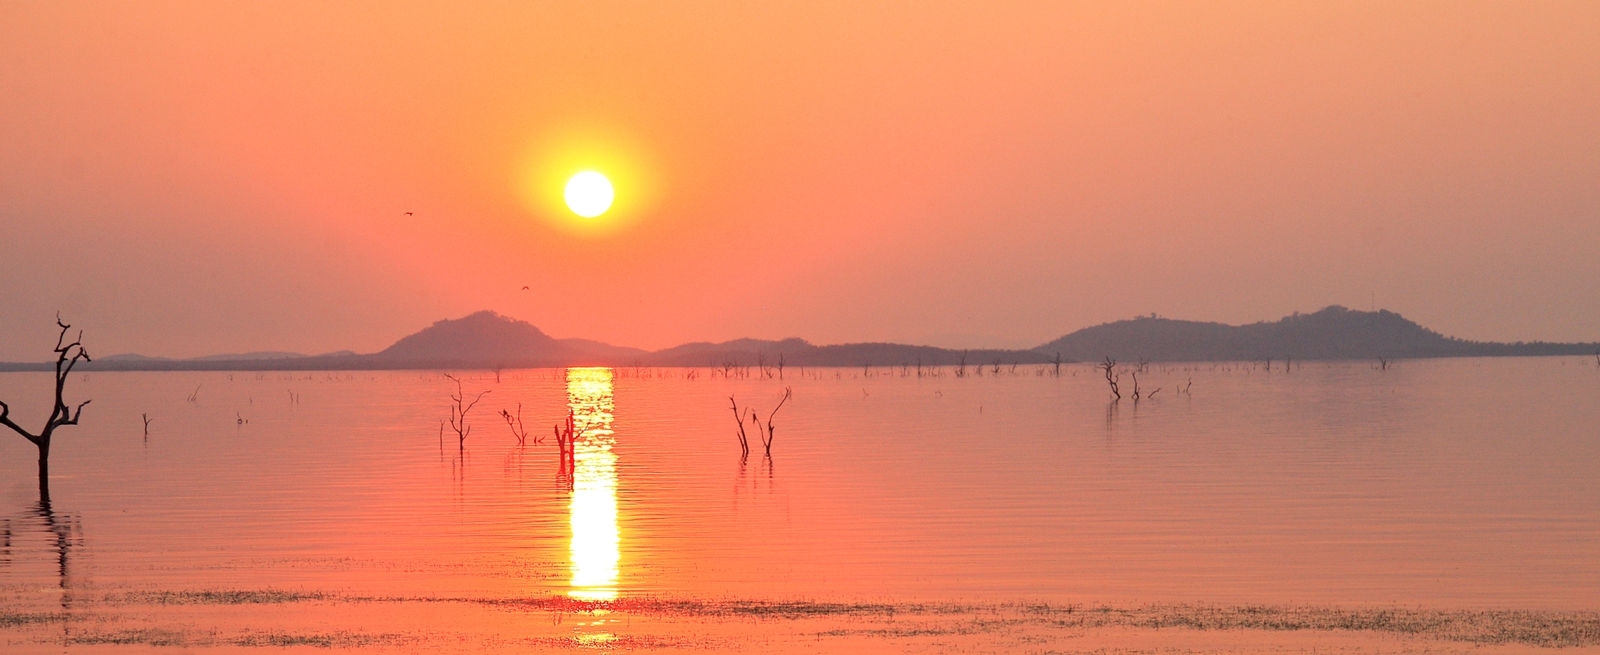 Afbeeldingsresultaat voor kariba lake